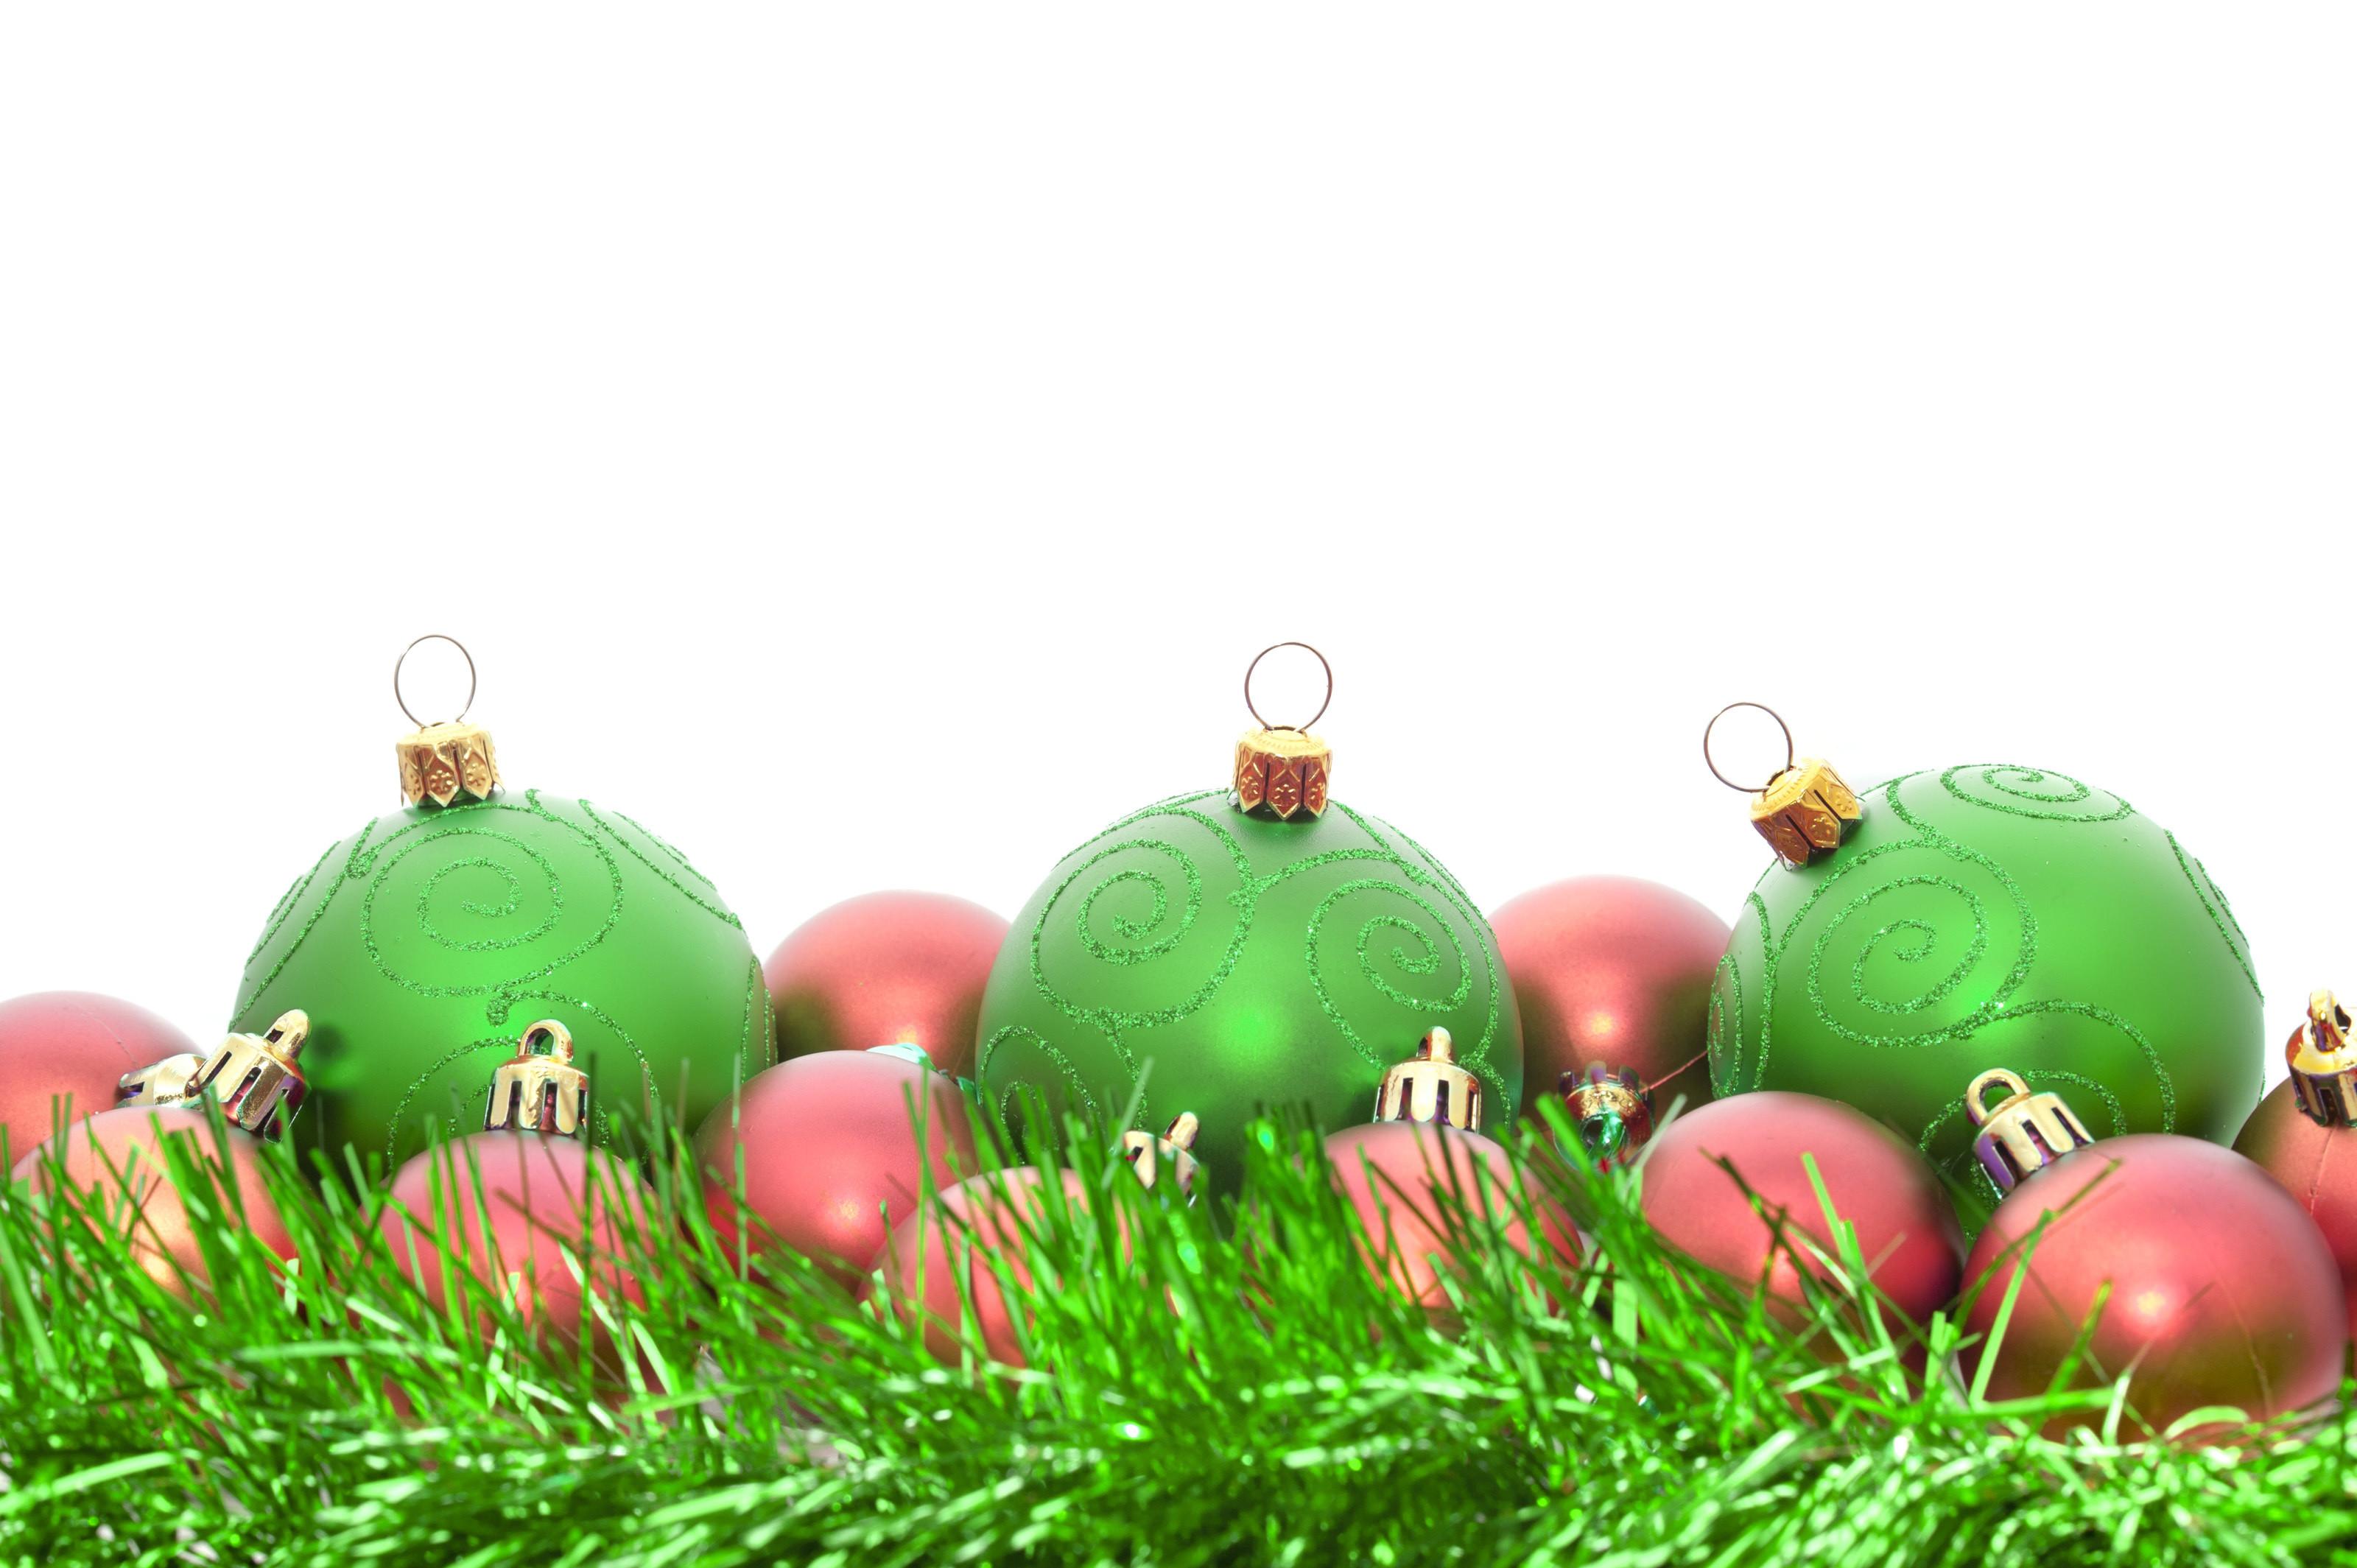 Green and pink Christmas toys on Christmas